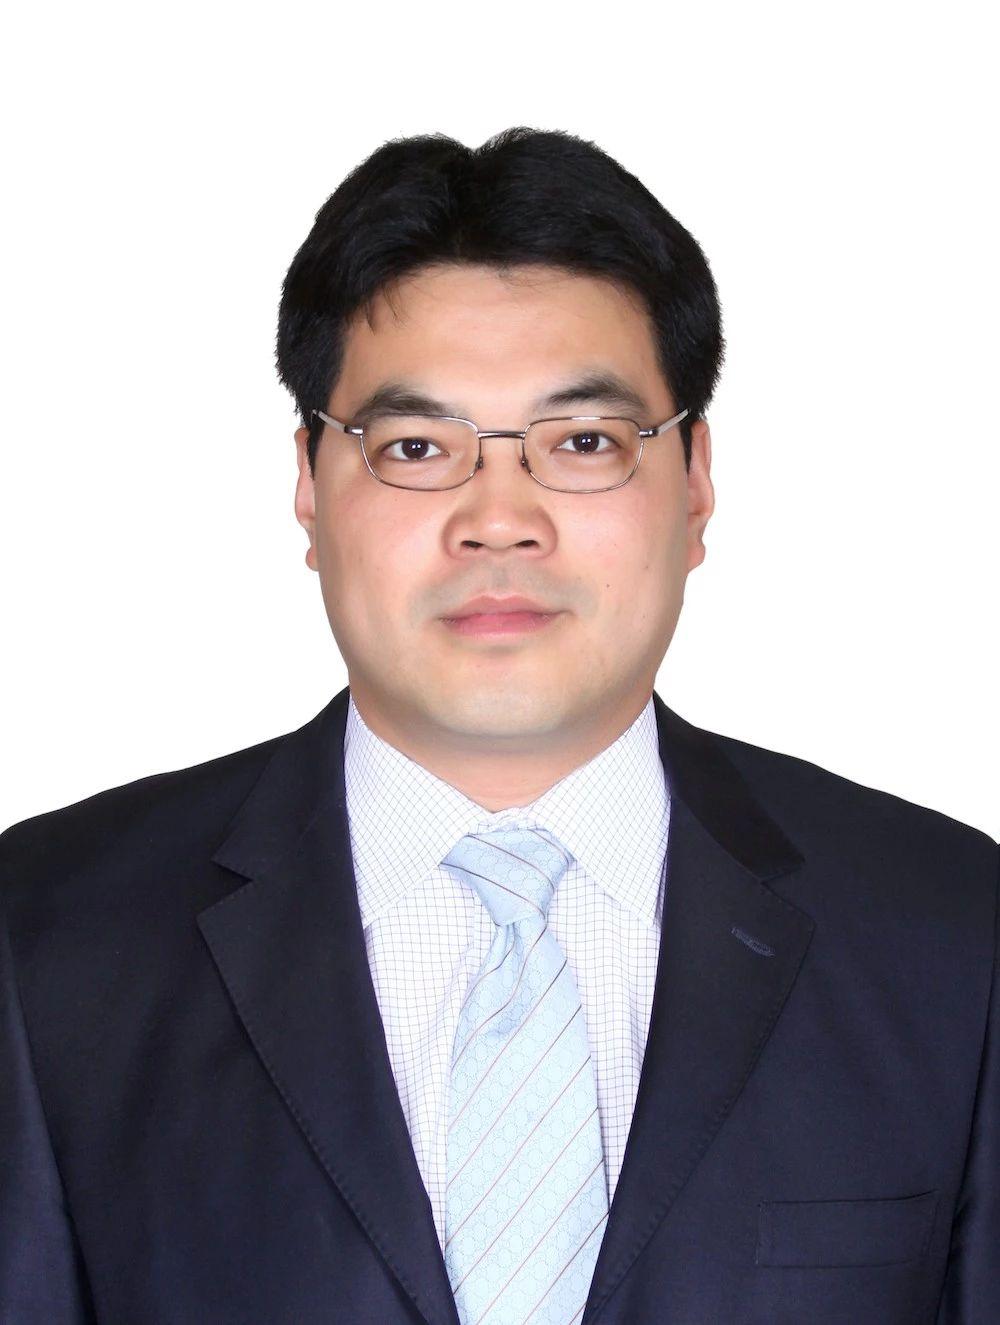 云南信托甘煜:善用数字科技助推力 赋能信托转型加速度